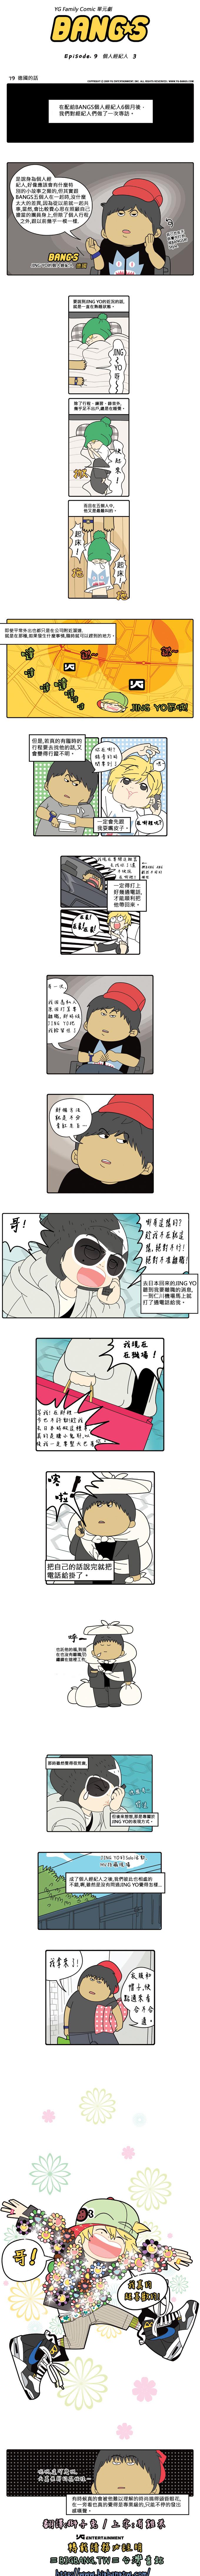 中譯 20091007_Episode 9_個人經紀人 079.jpg